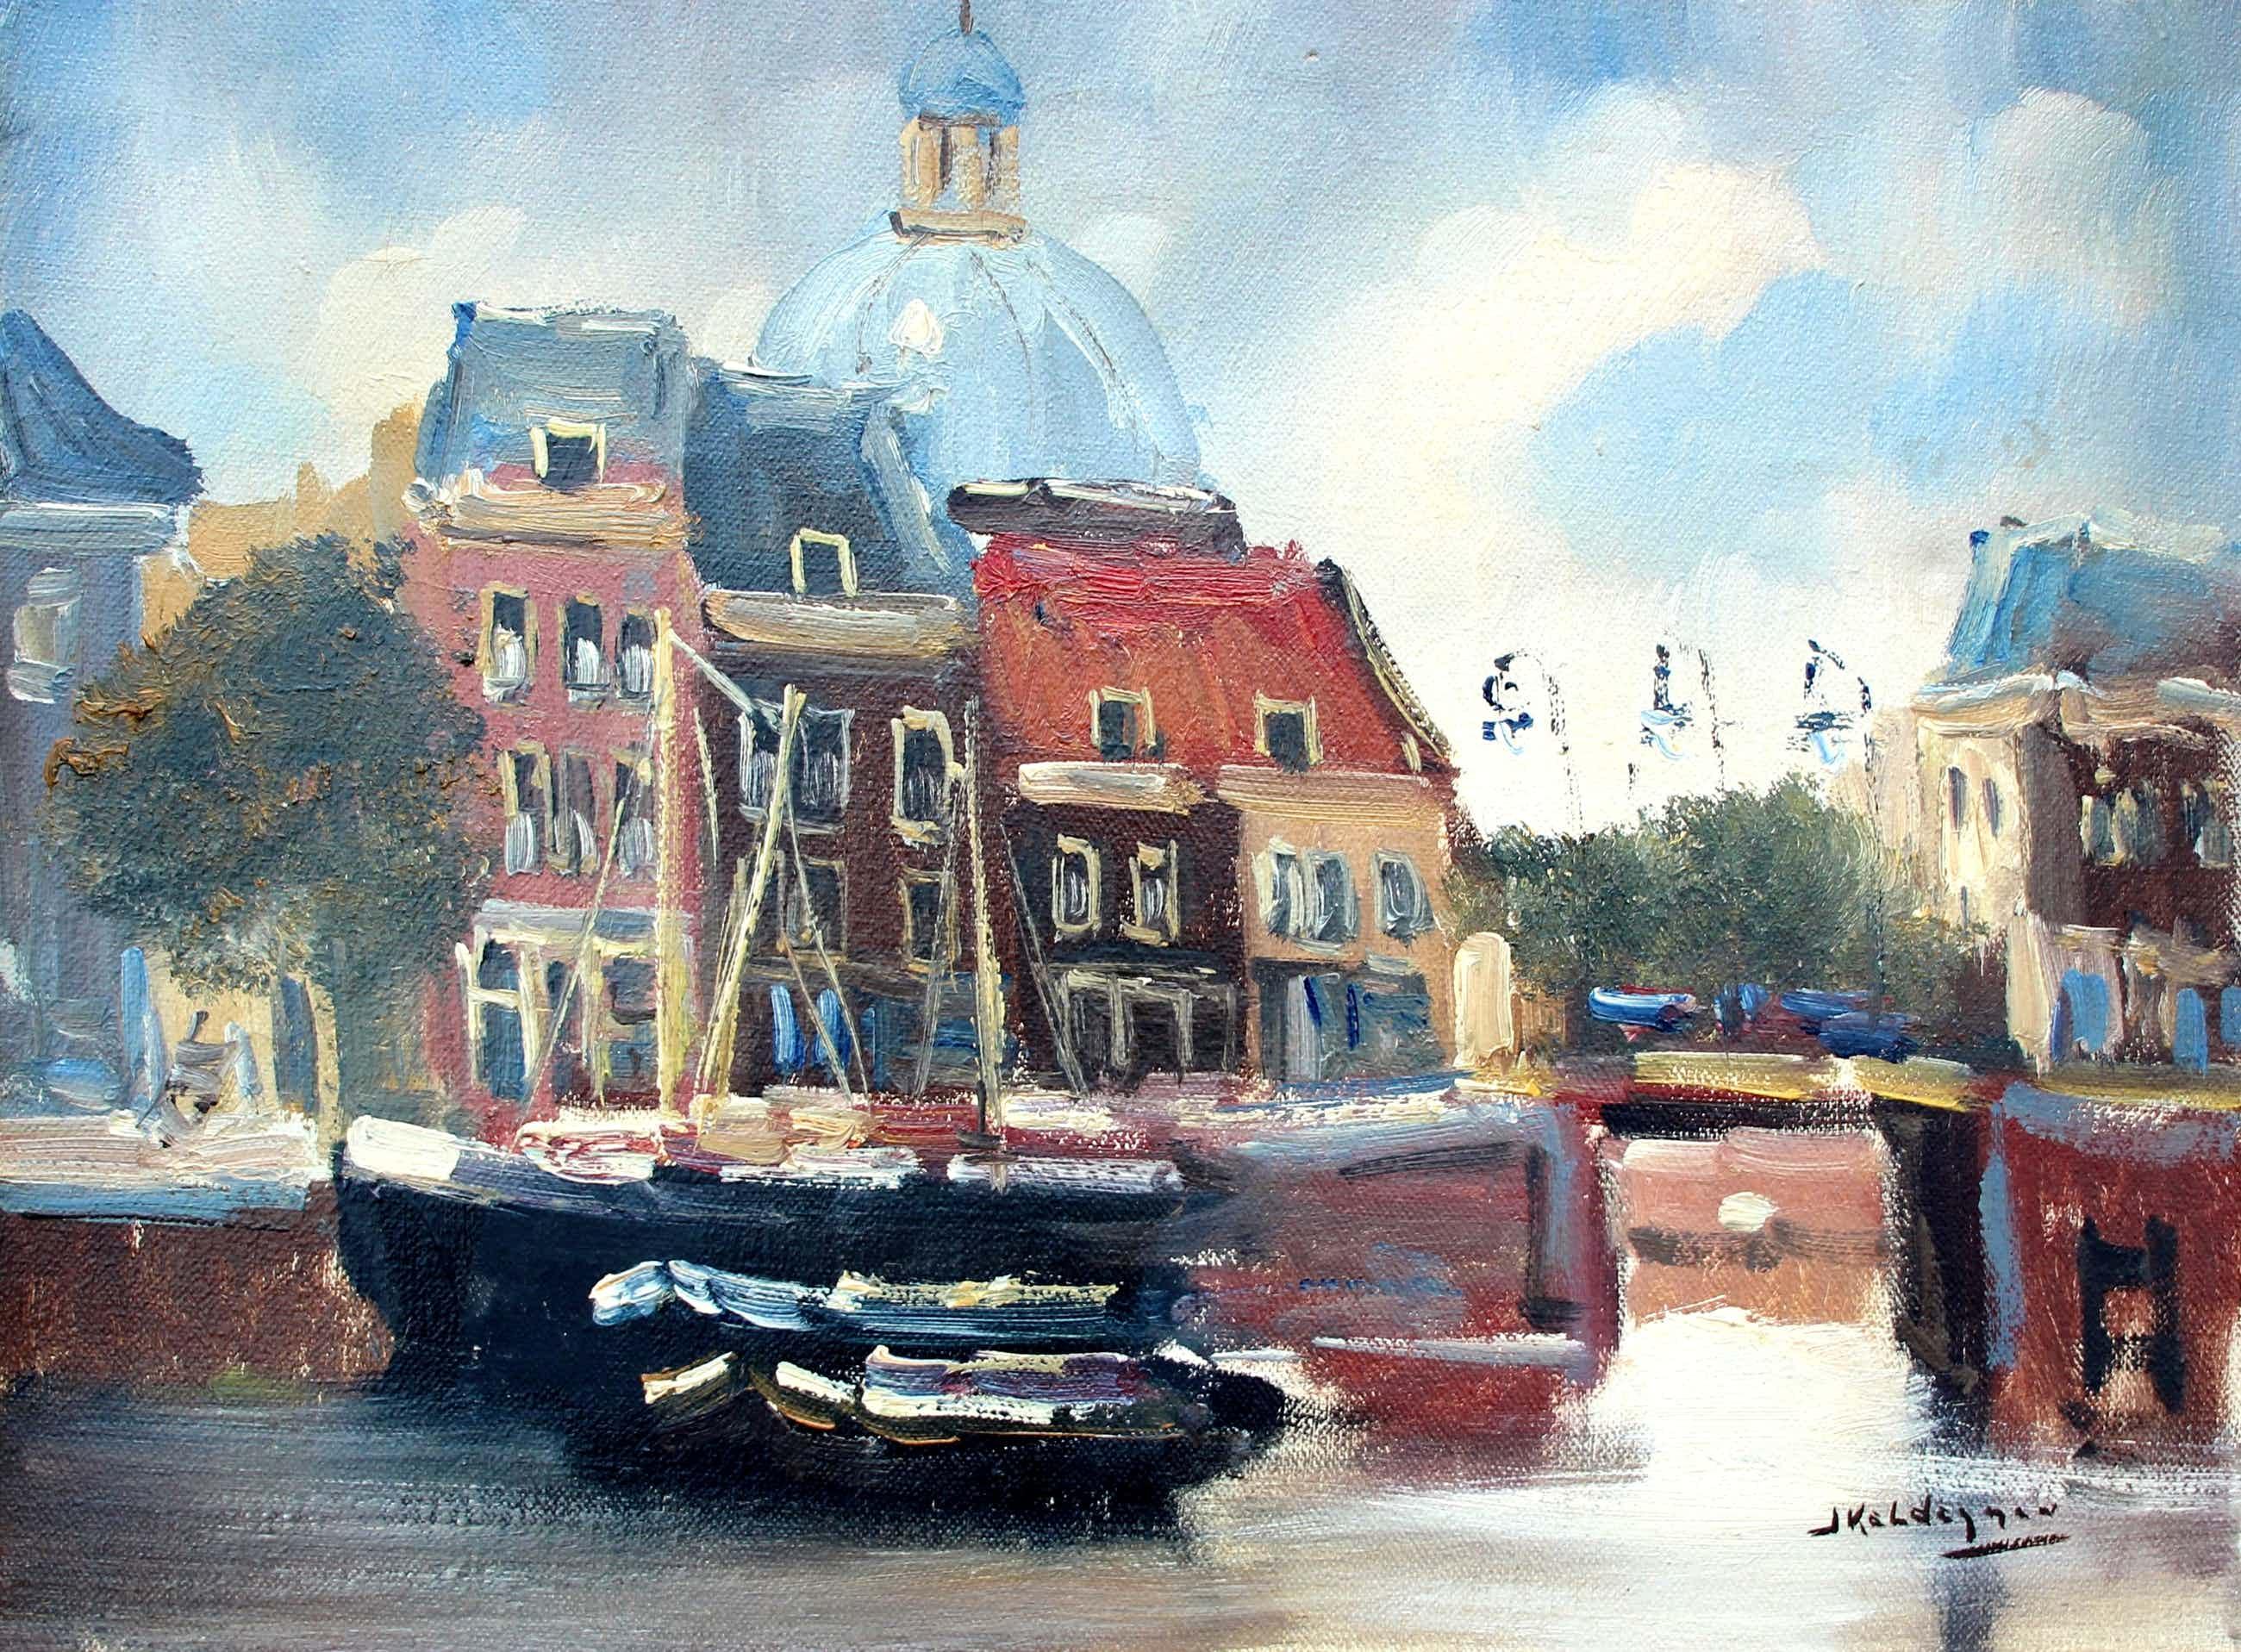 Jan Kelderman - olieverf op doek: Amsterdam (Lutherse kerk) kopen? Bied vanaf 100!